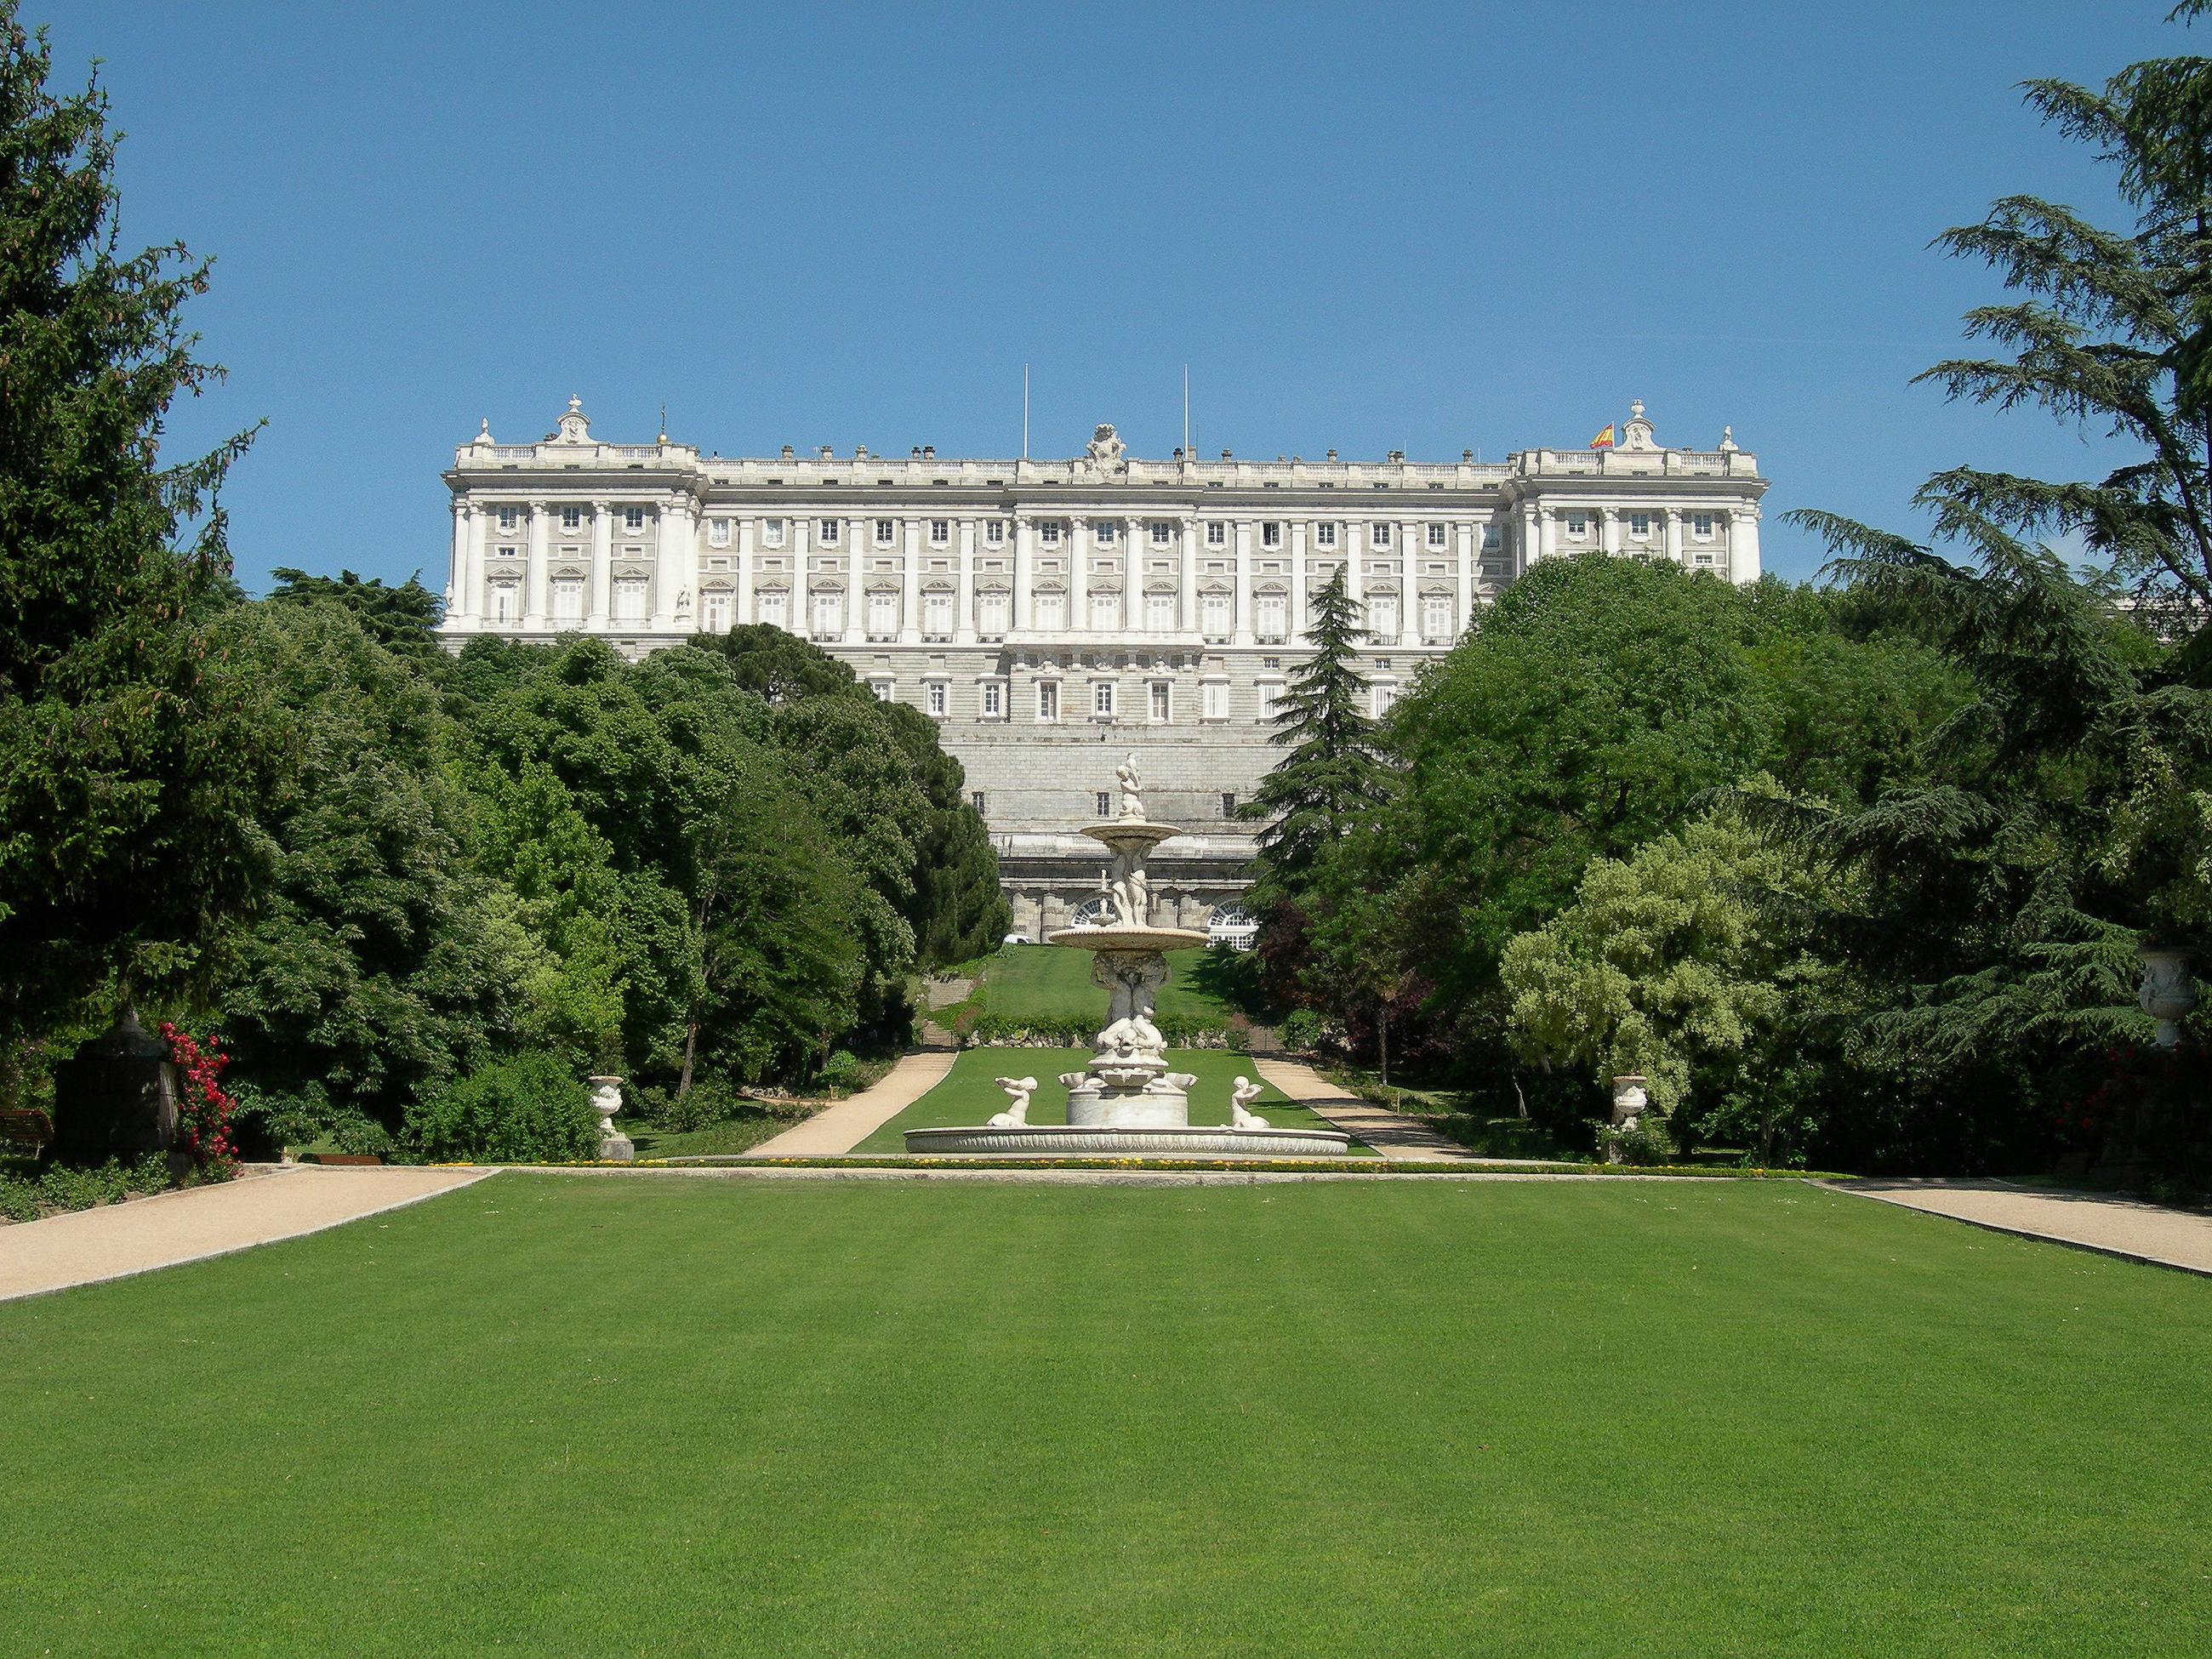 Campo del Moro.Palacio real de Madrid